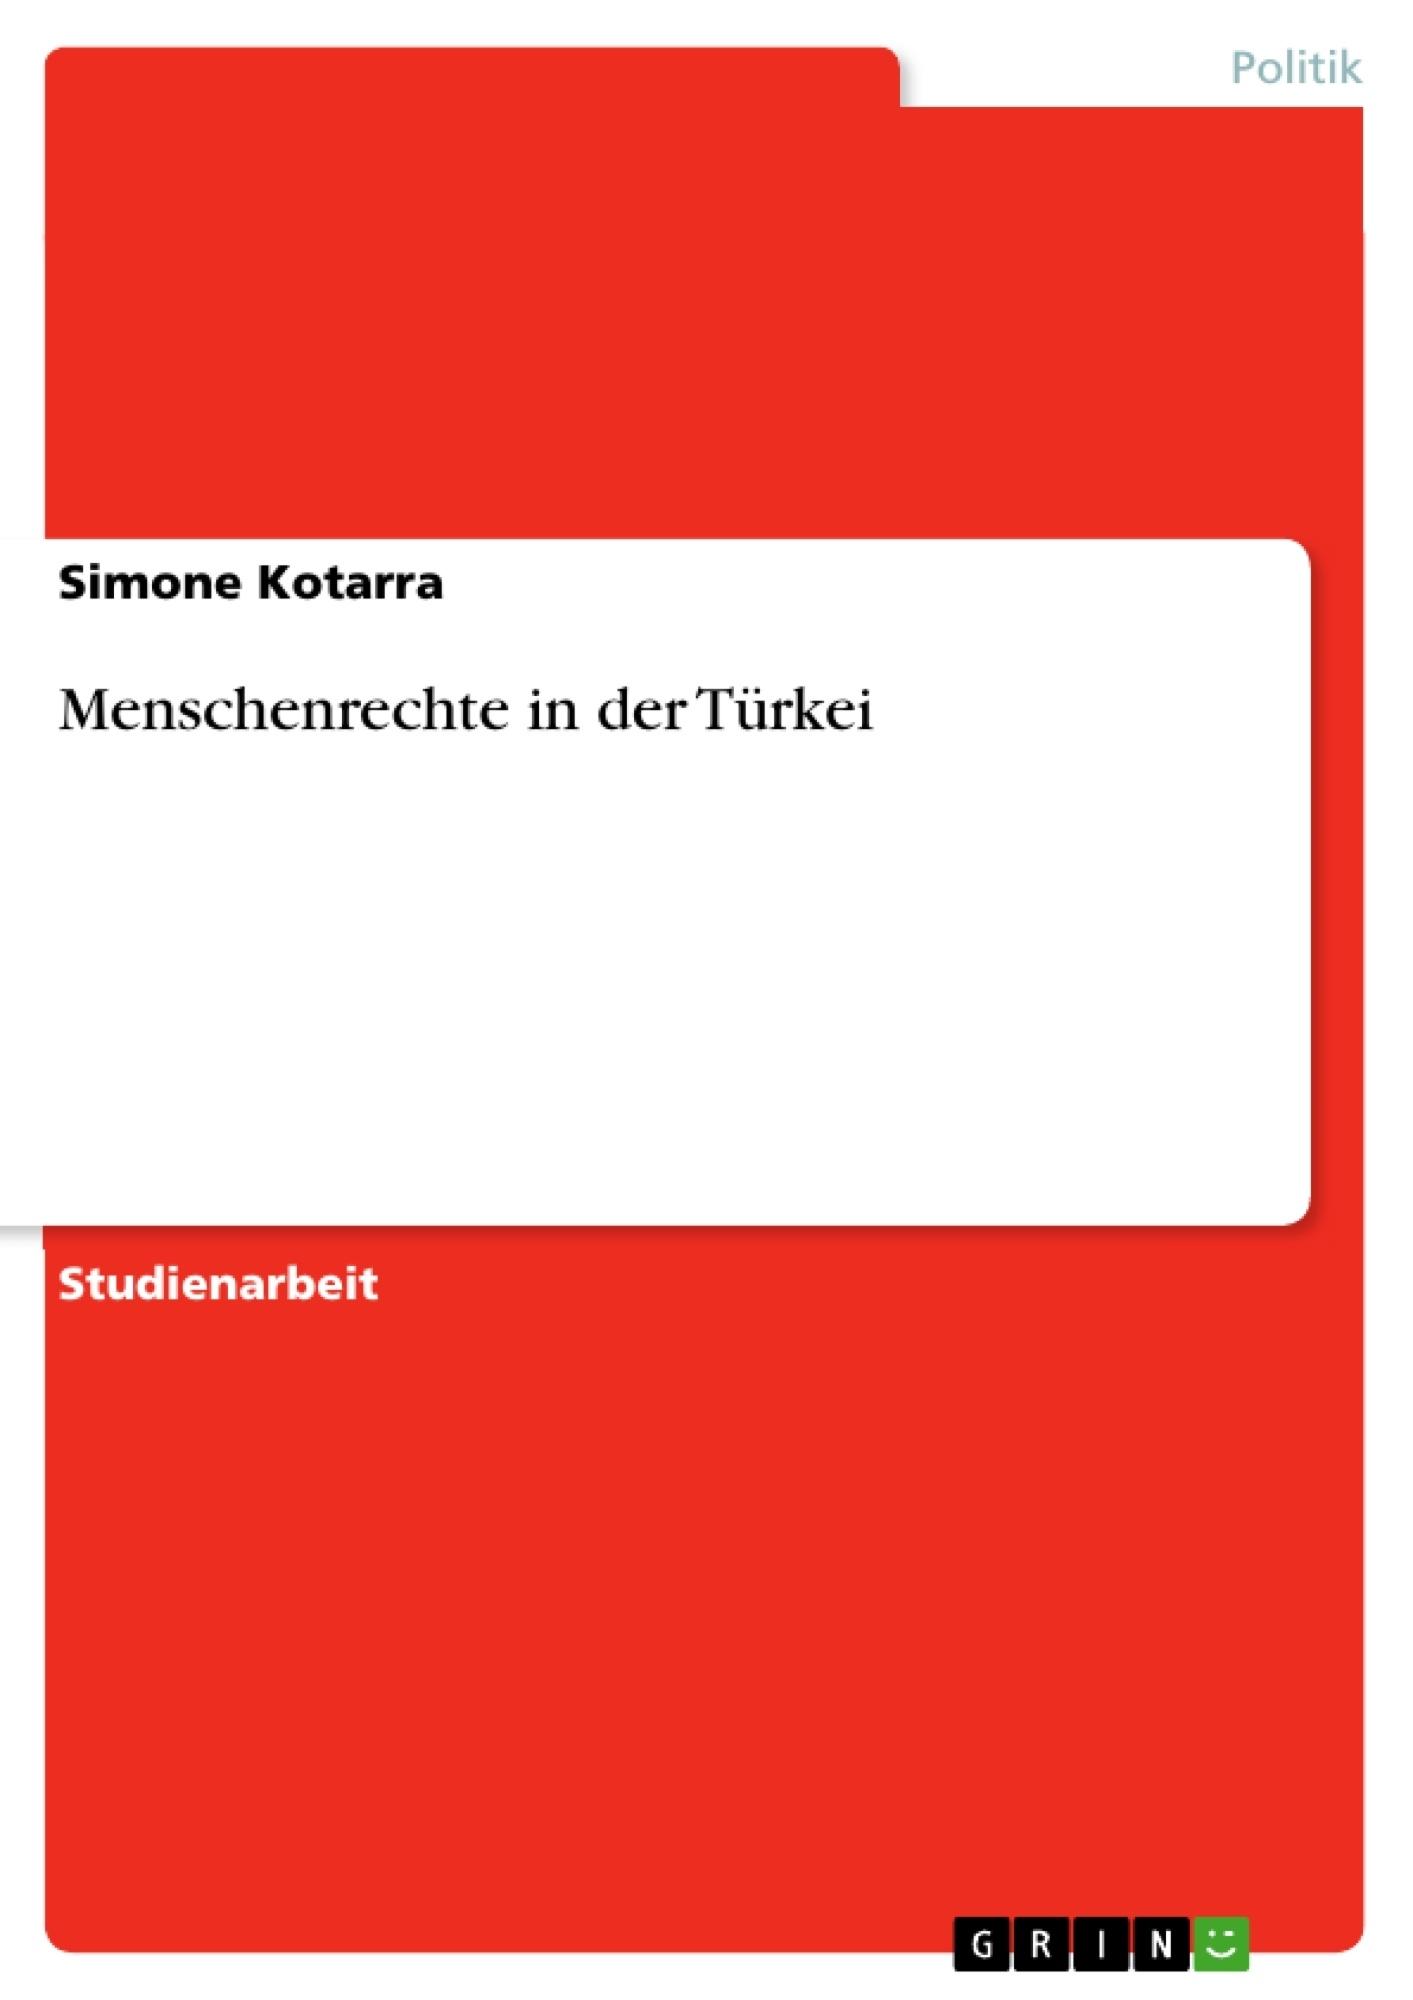 Titel: Menschenrechte in der Türkei